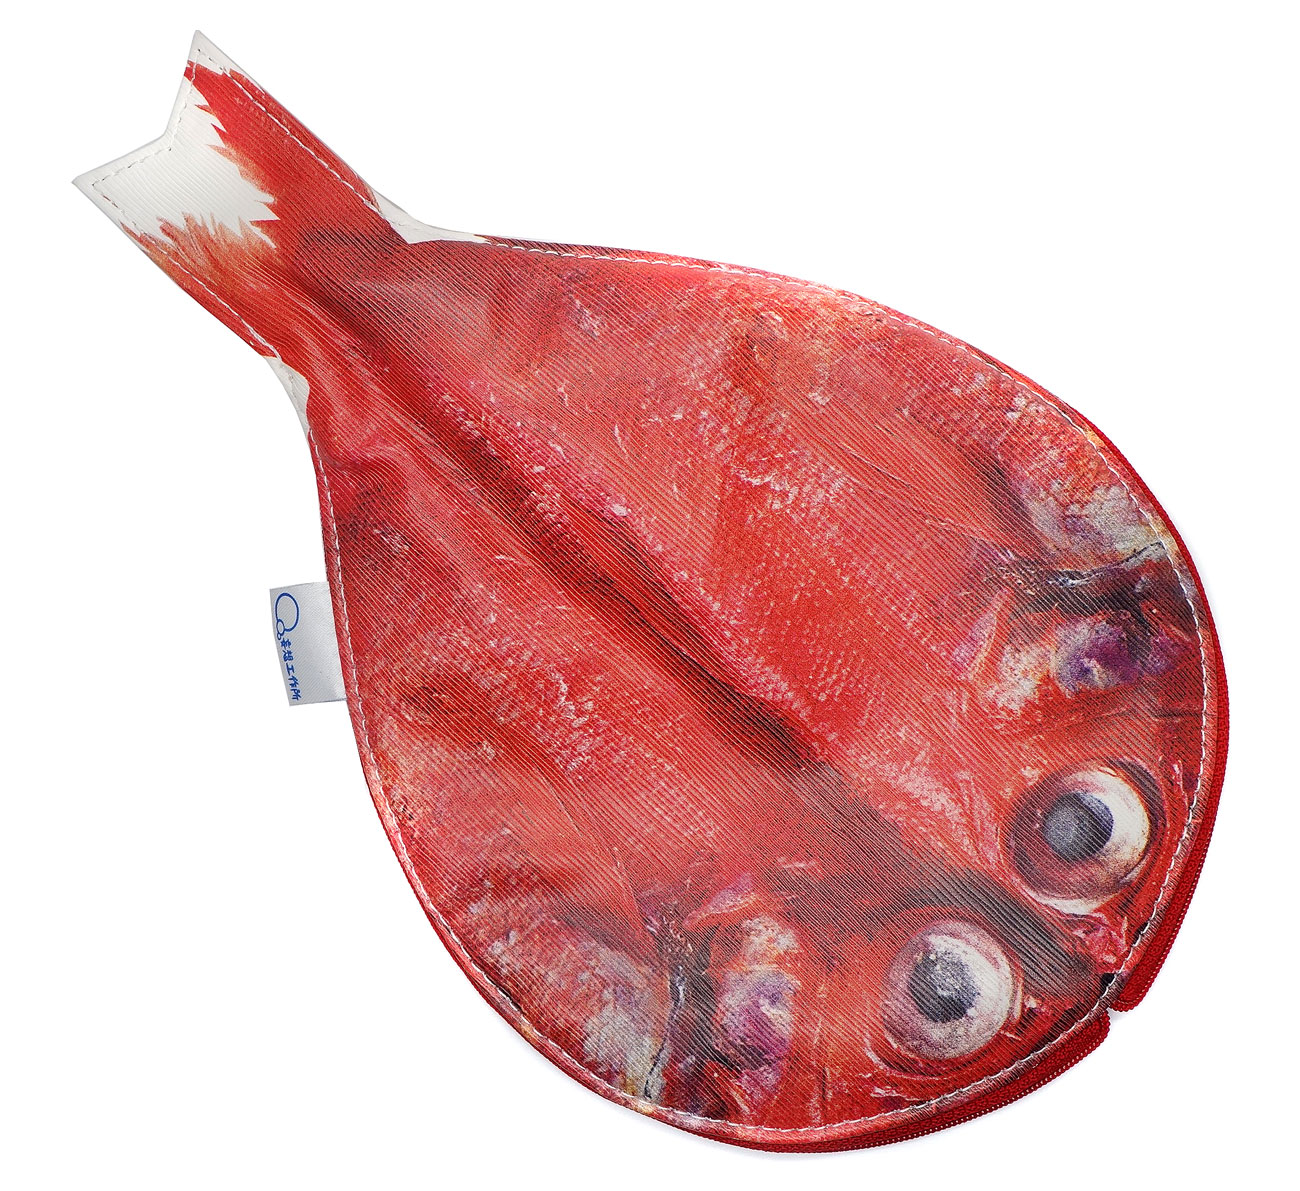 Anatomical Fish Zip Bags by Japanese Designer Keiko Otsuhata